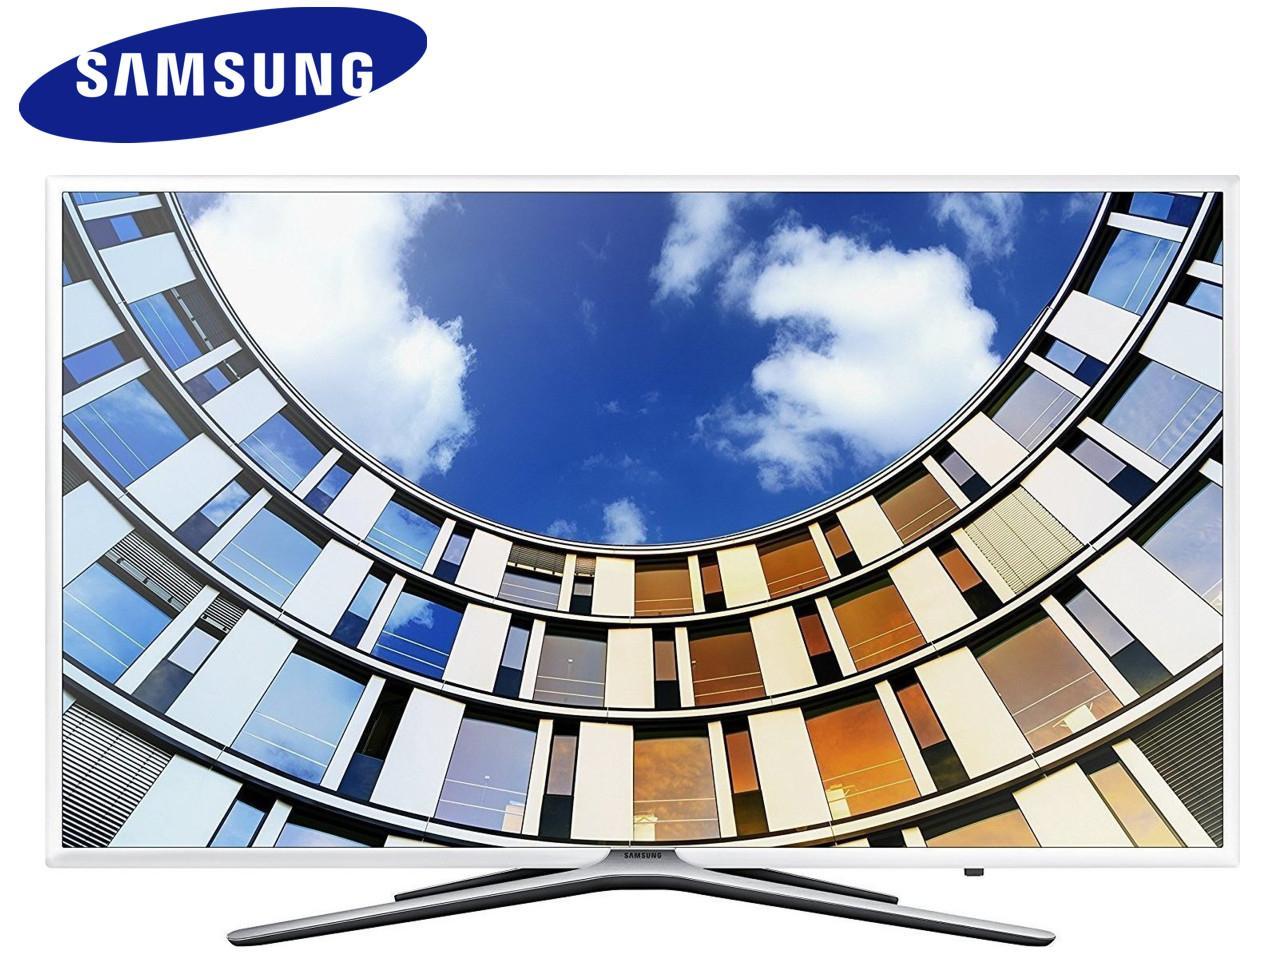 SAMSUNG UE55M5582 (ekv. model UE55M5572) + 700 Kč na dárky nebo další nákup | CHAT on-line podpora PO-PÁ 8-22.00!!